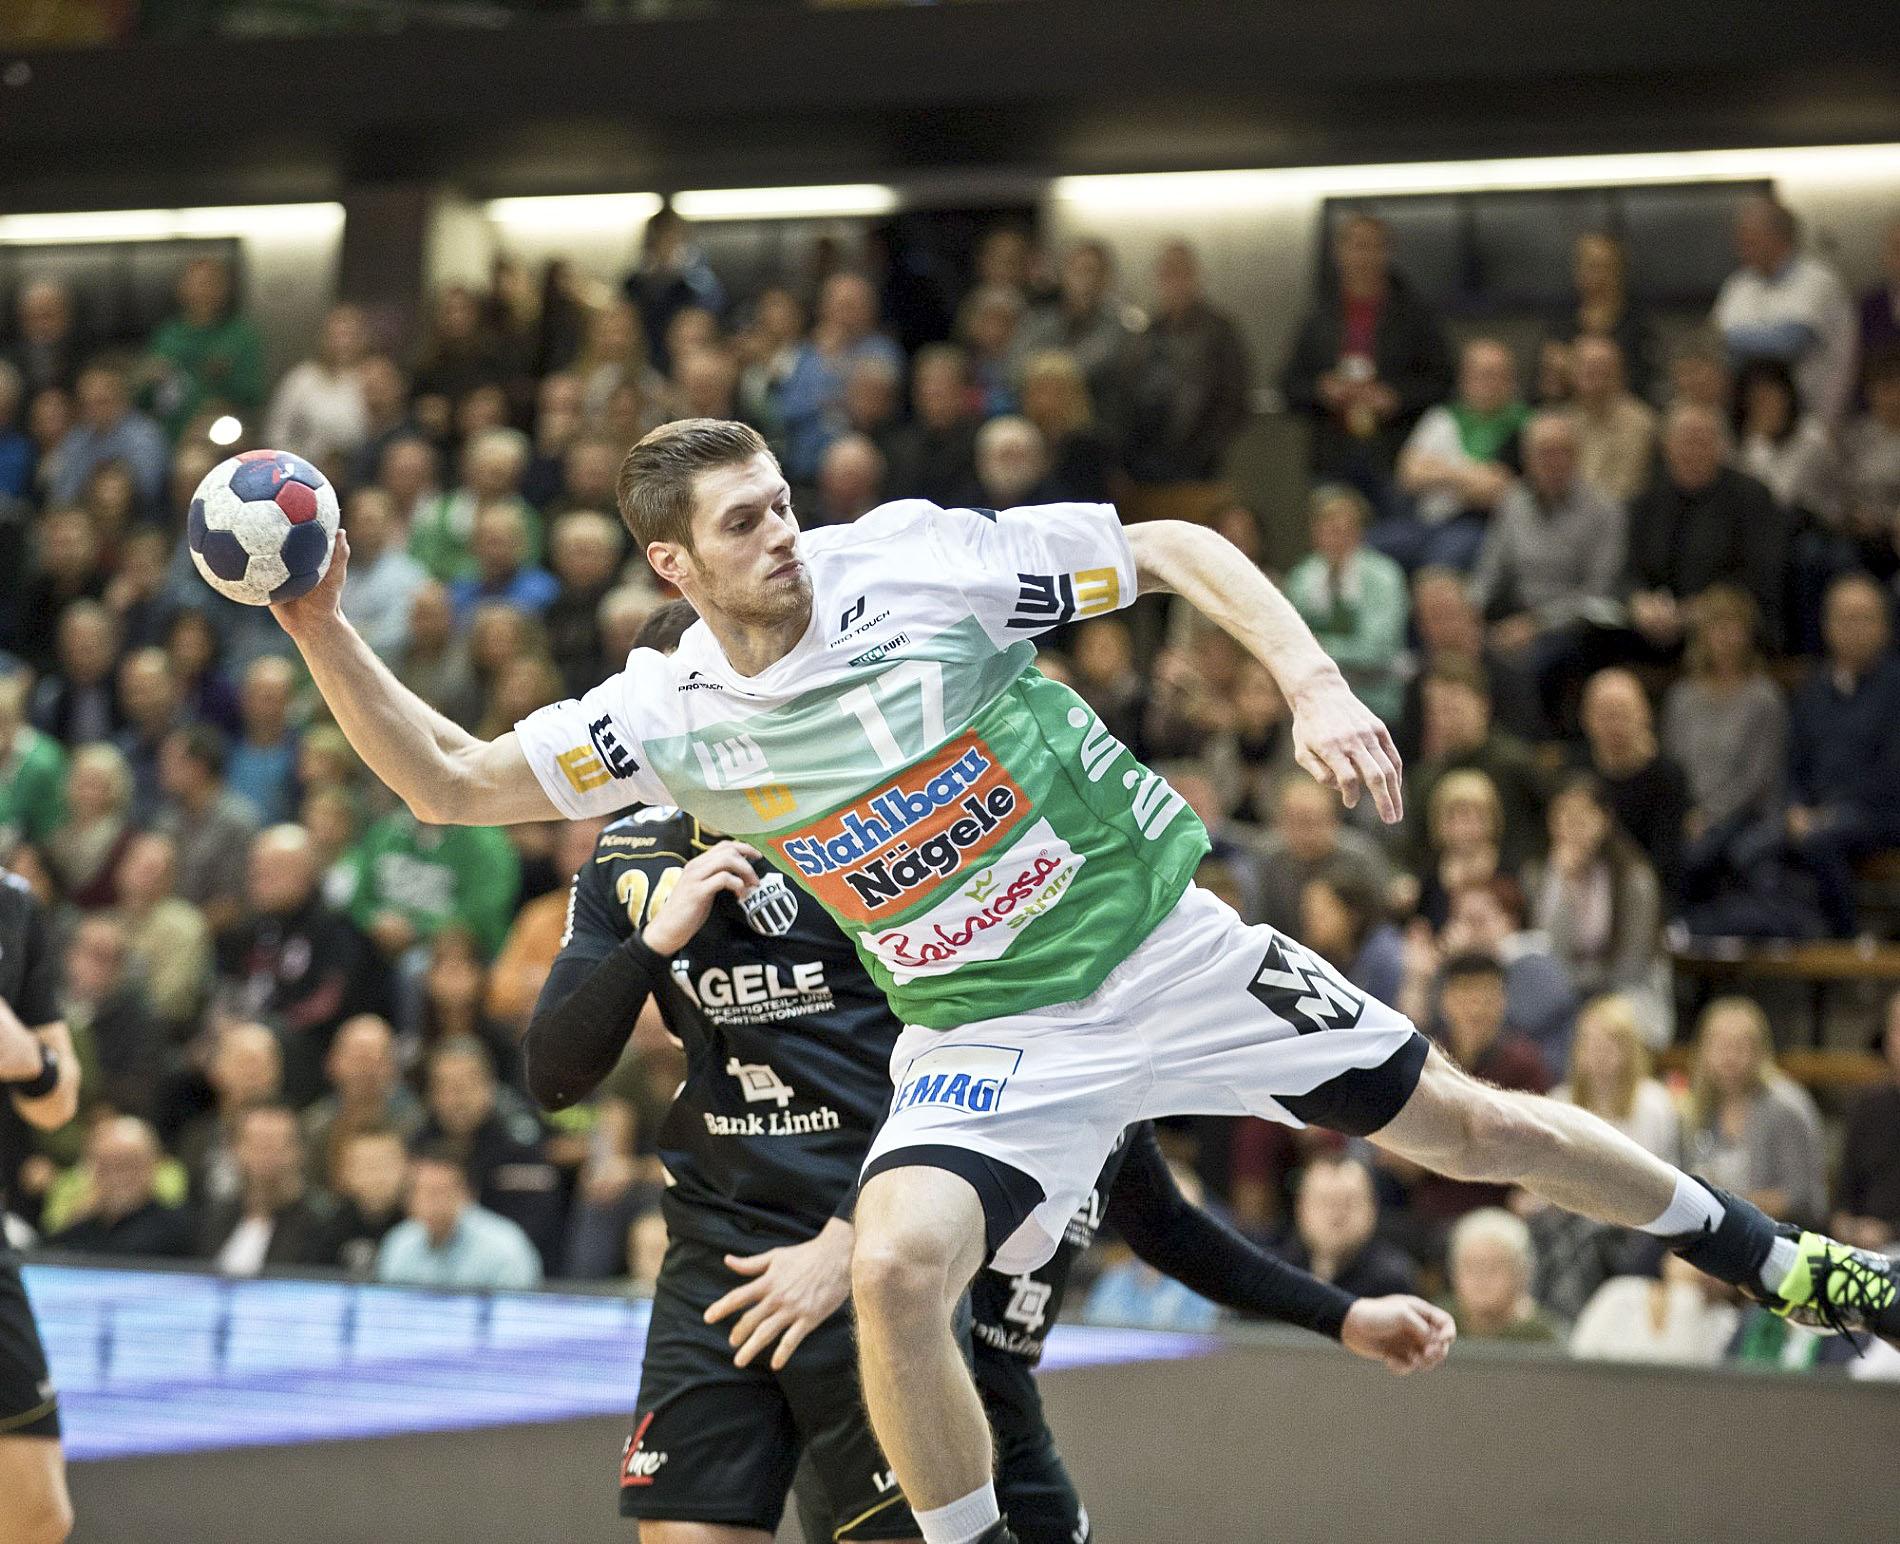 El lateral esquerre Daniel Fontaine és un dels jugadors més complets del Göppingen